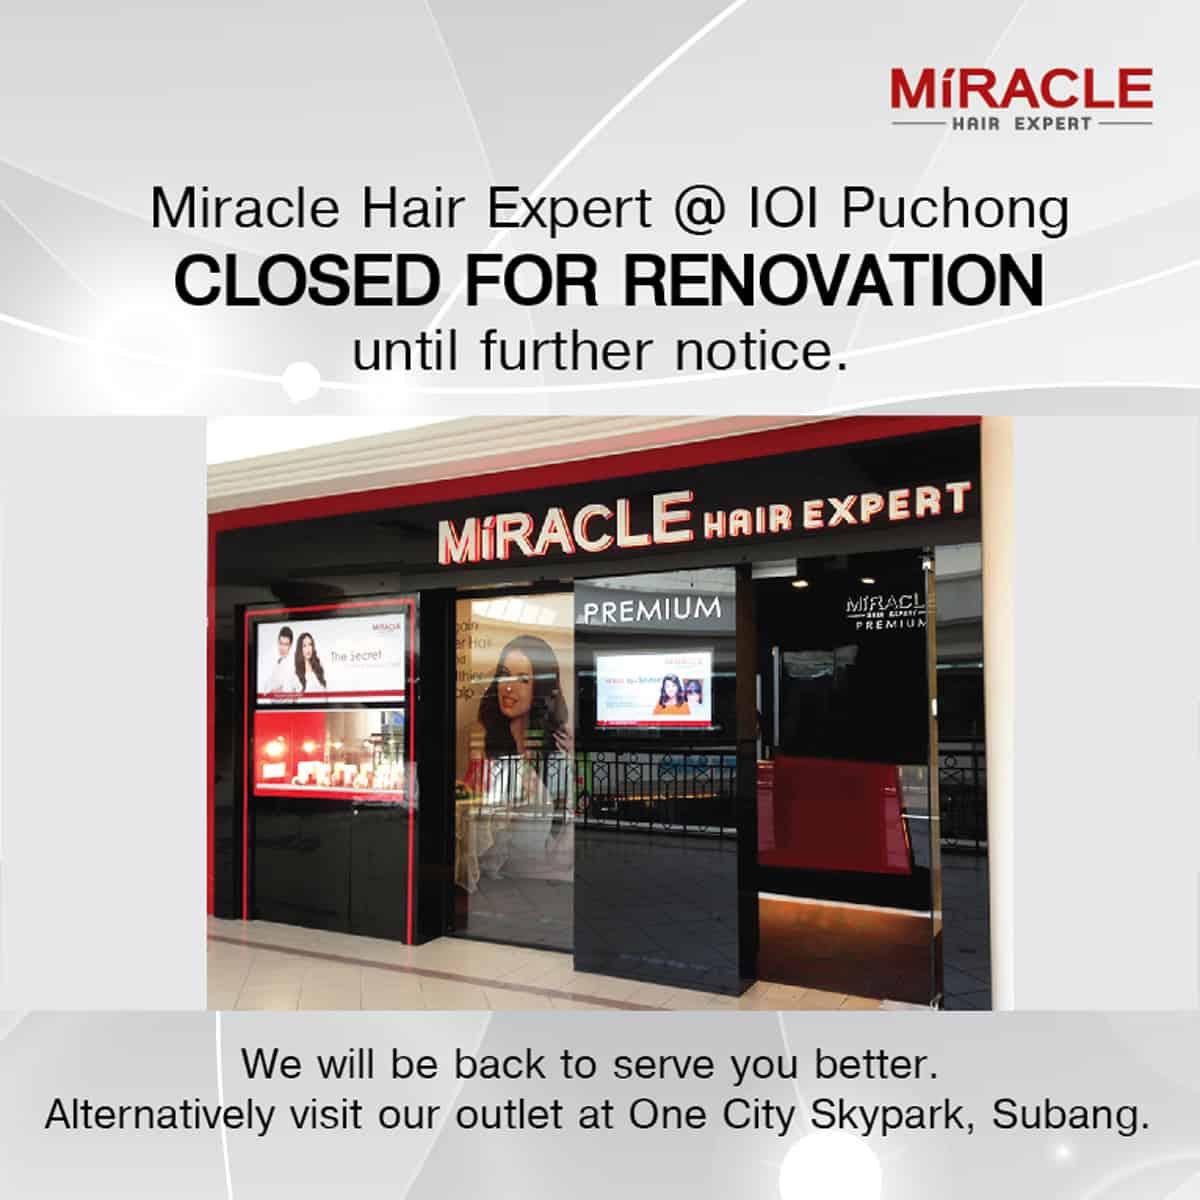 PCH under renovation